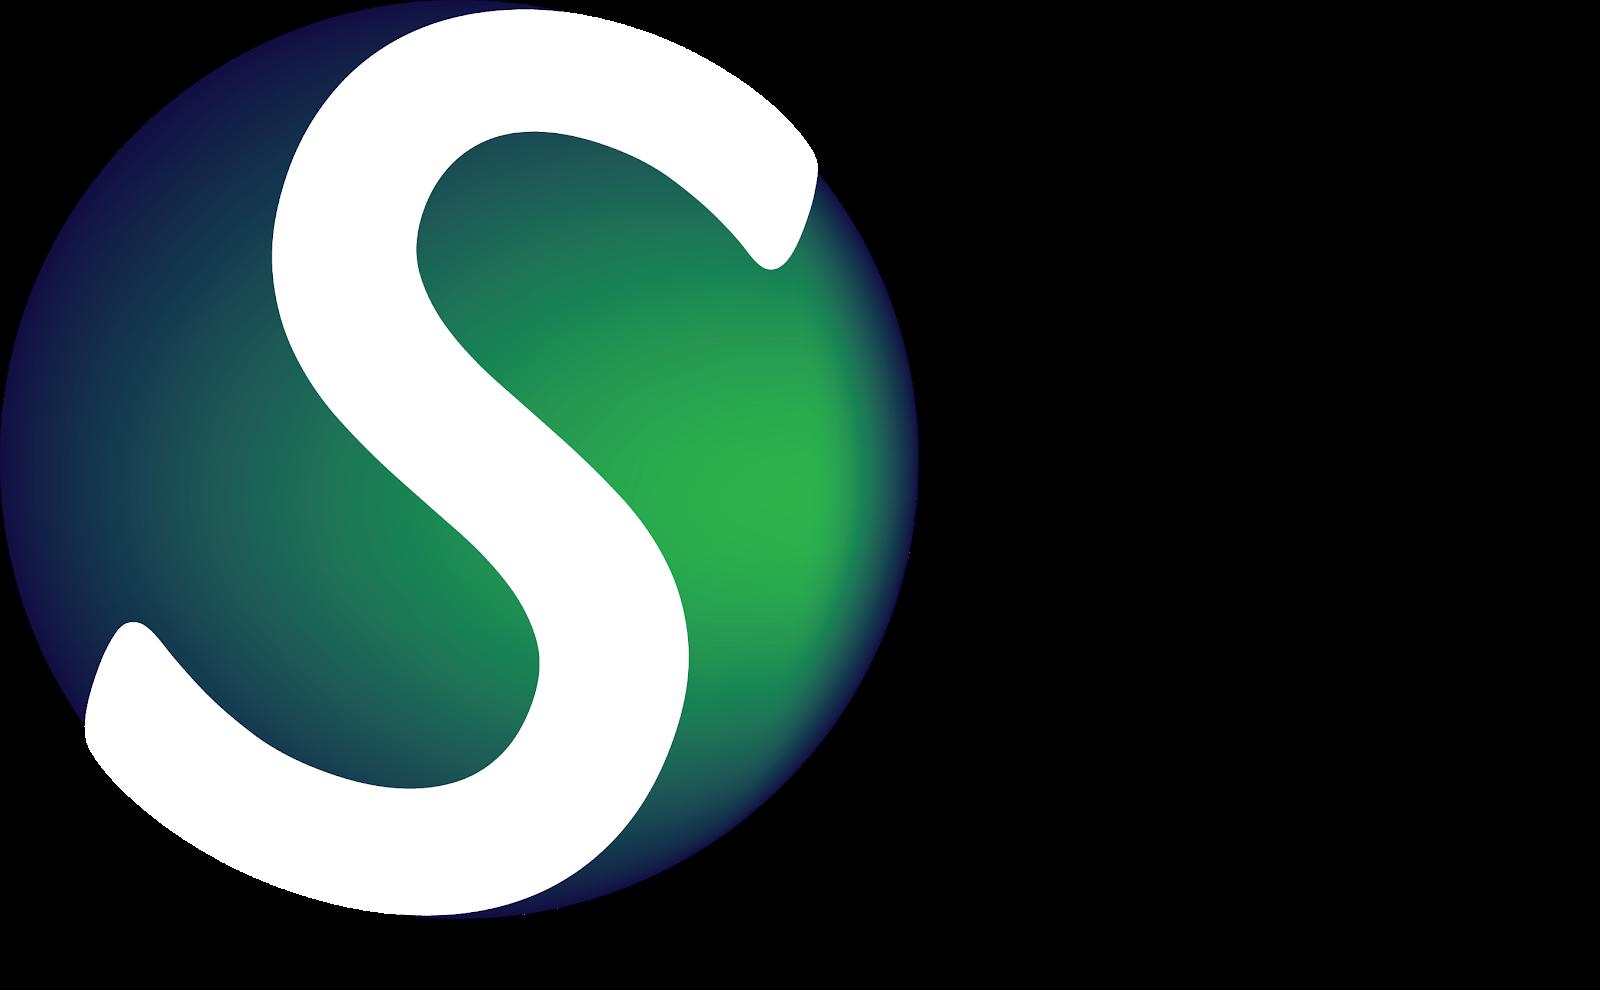 www.sammanthurai.net